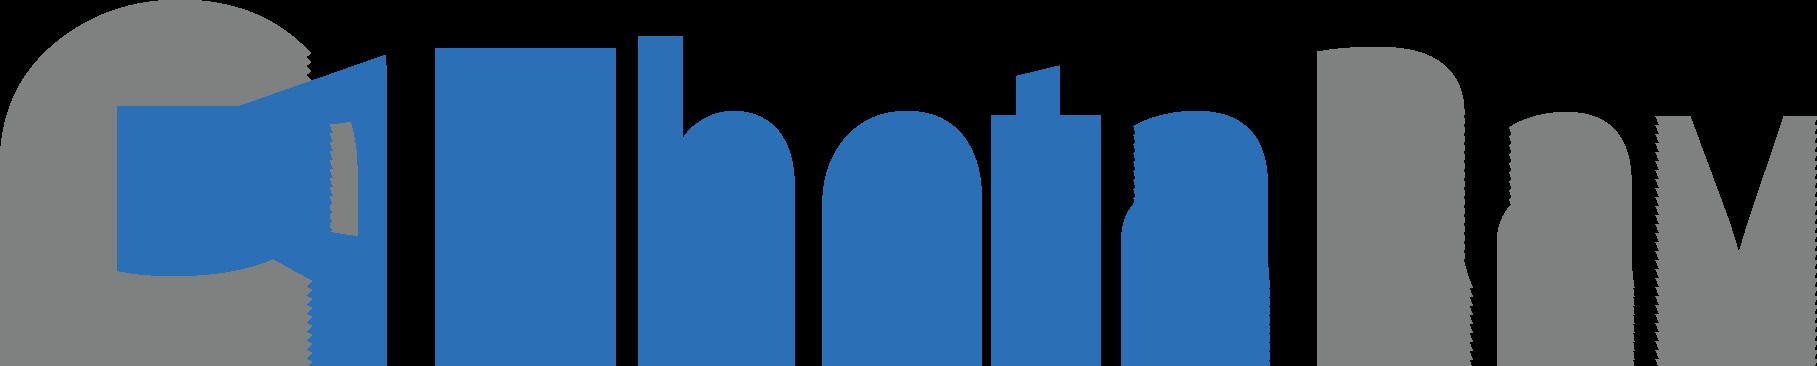 ThetaRay_logo